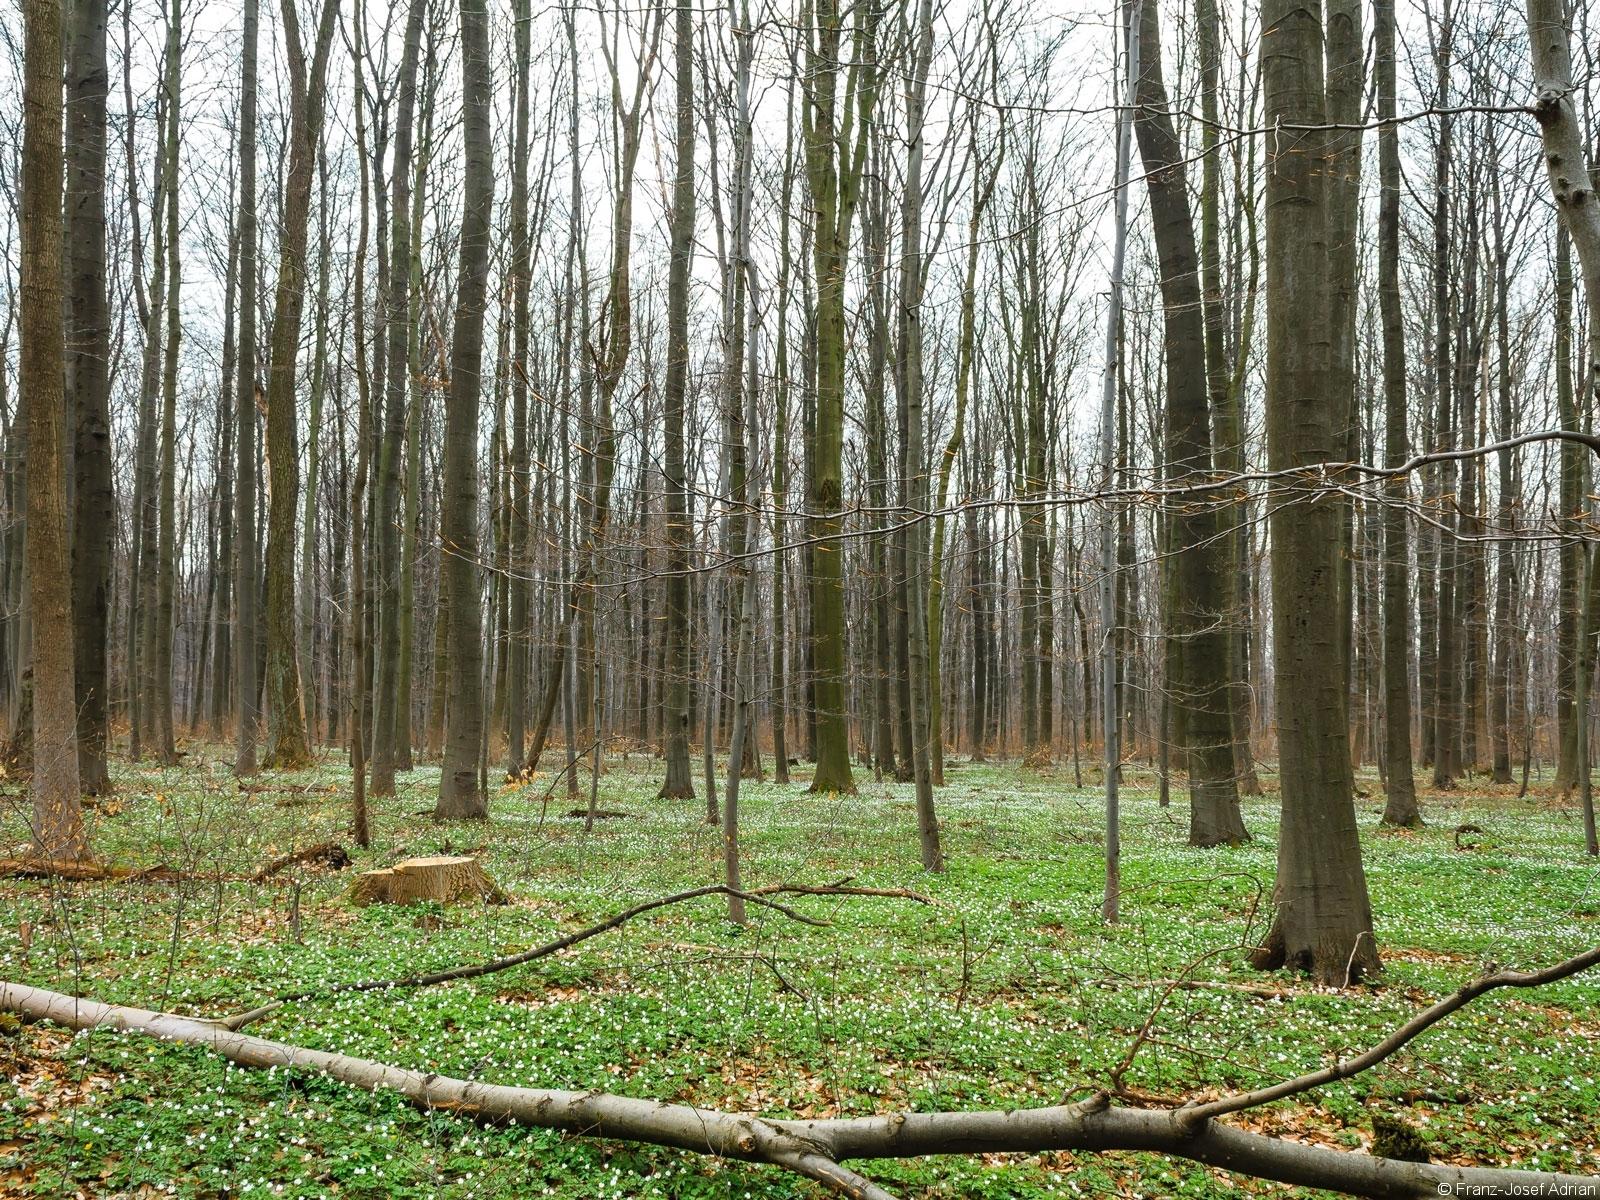 Buschwindröschen um Baumstumpf